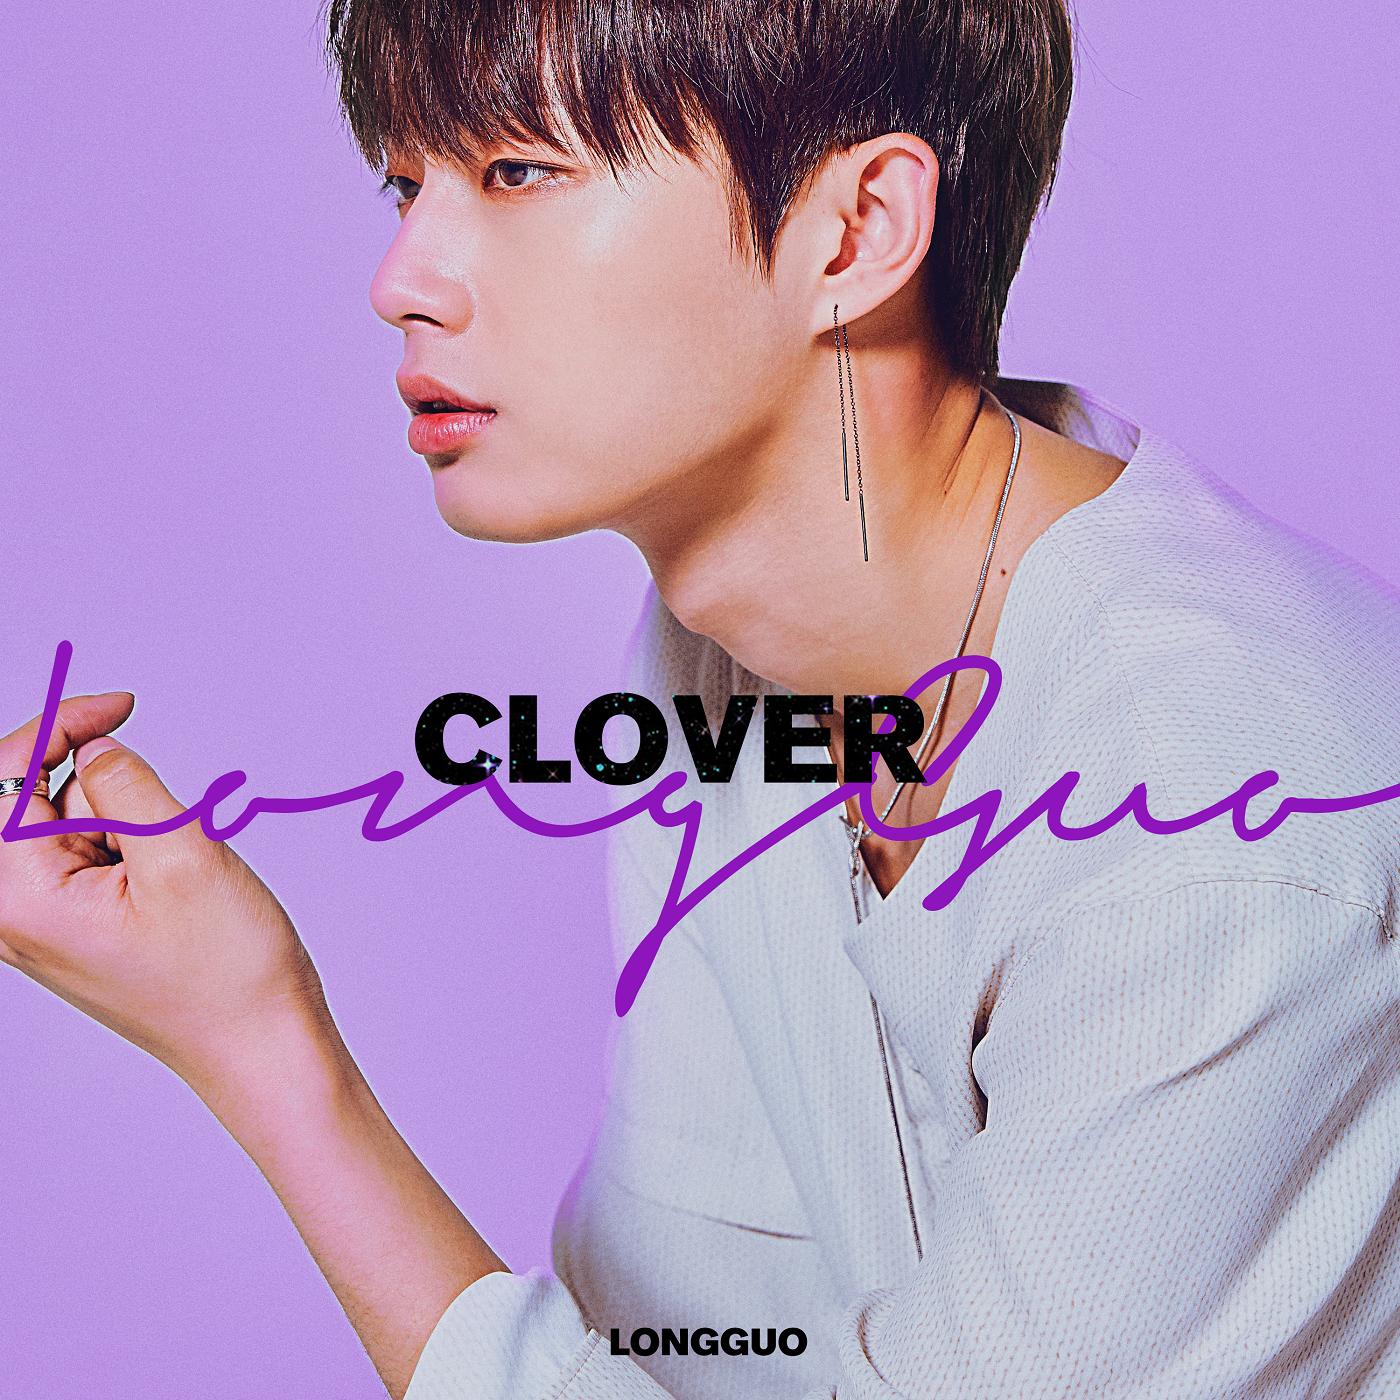 Clover (Jin Longguo)